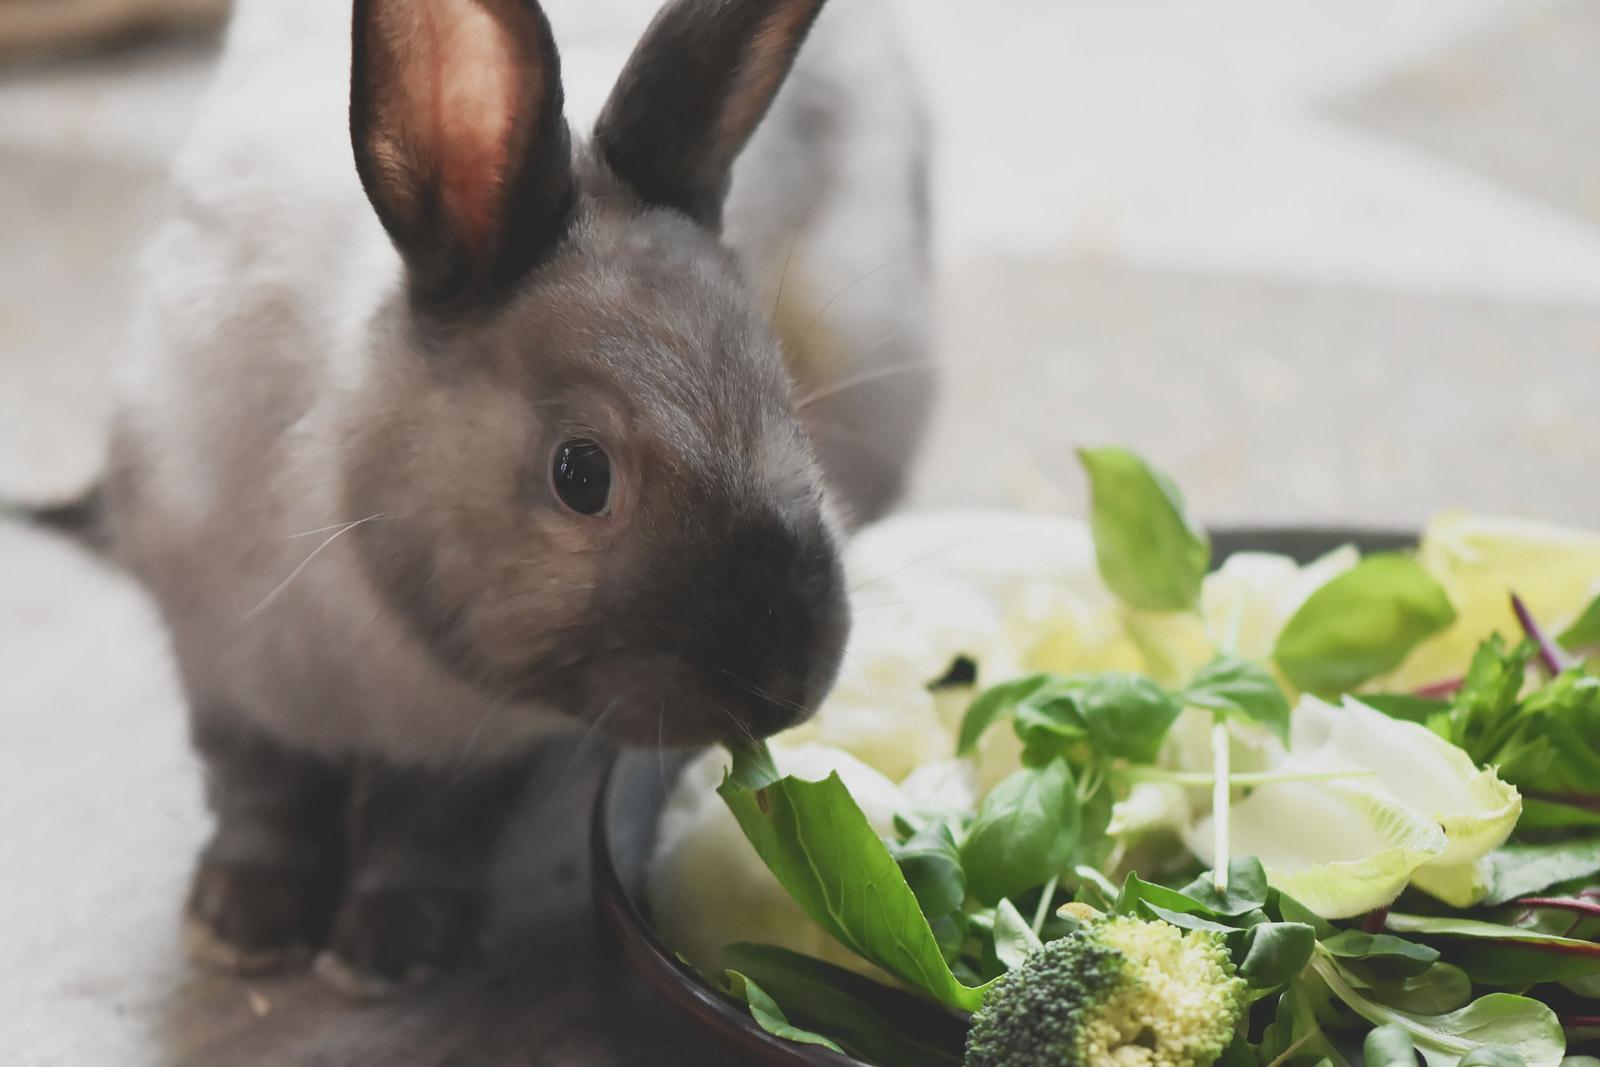 Lapin devant une gamelle de pousses et de feuilles de légumes